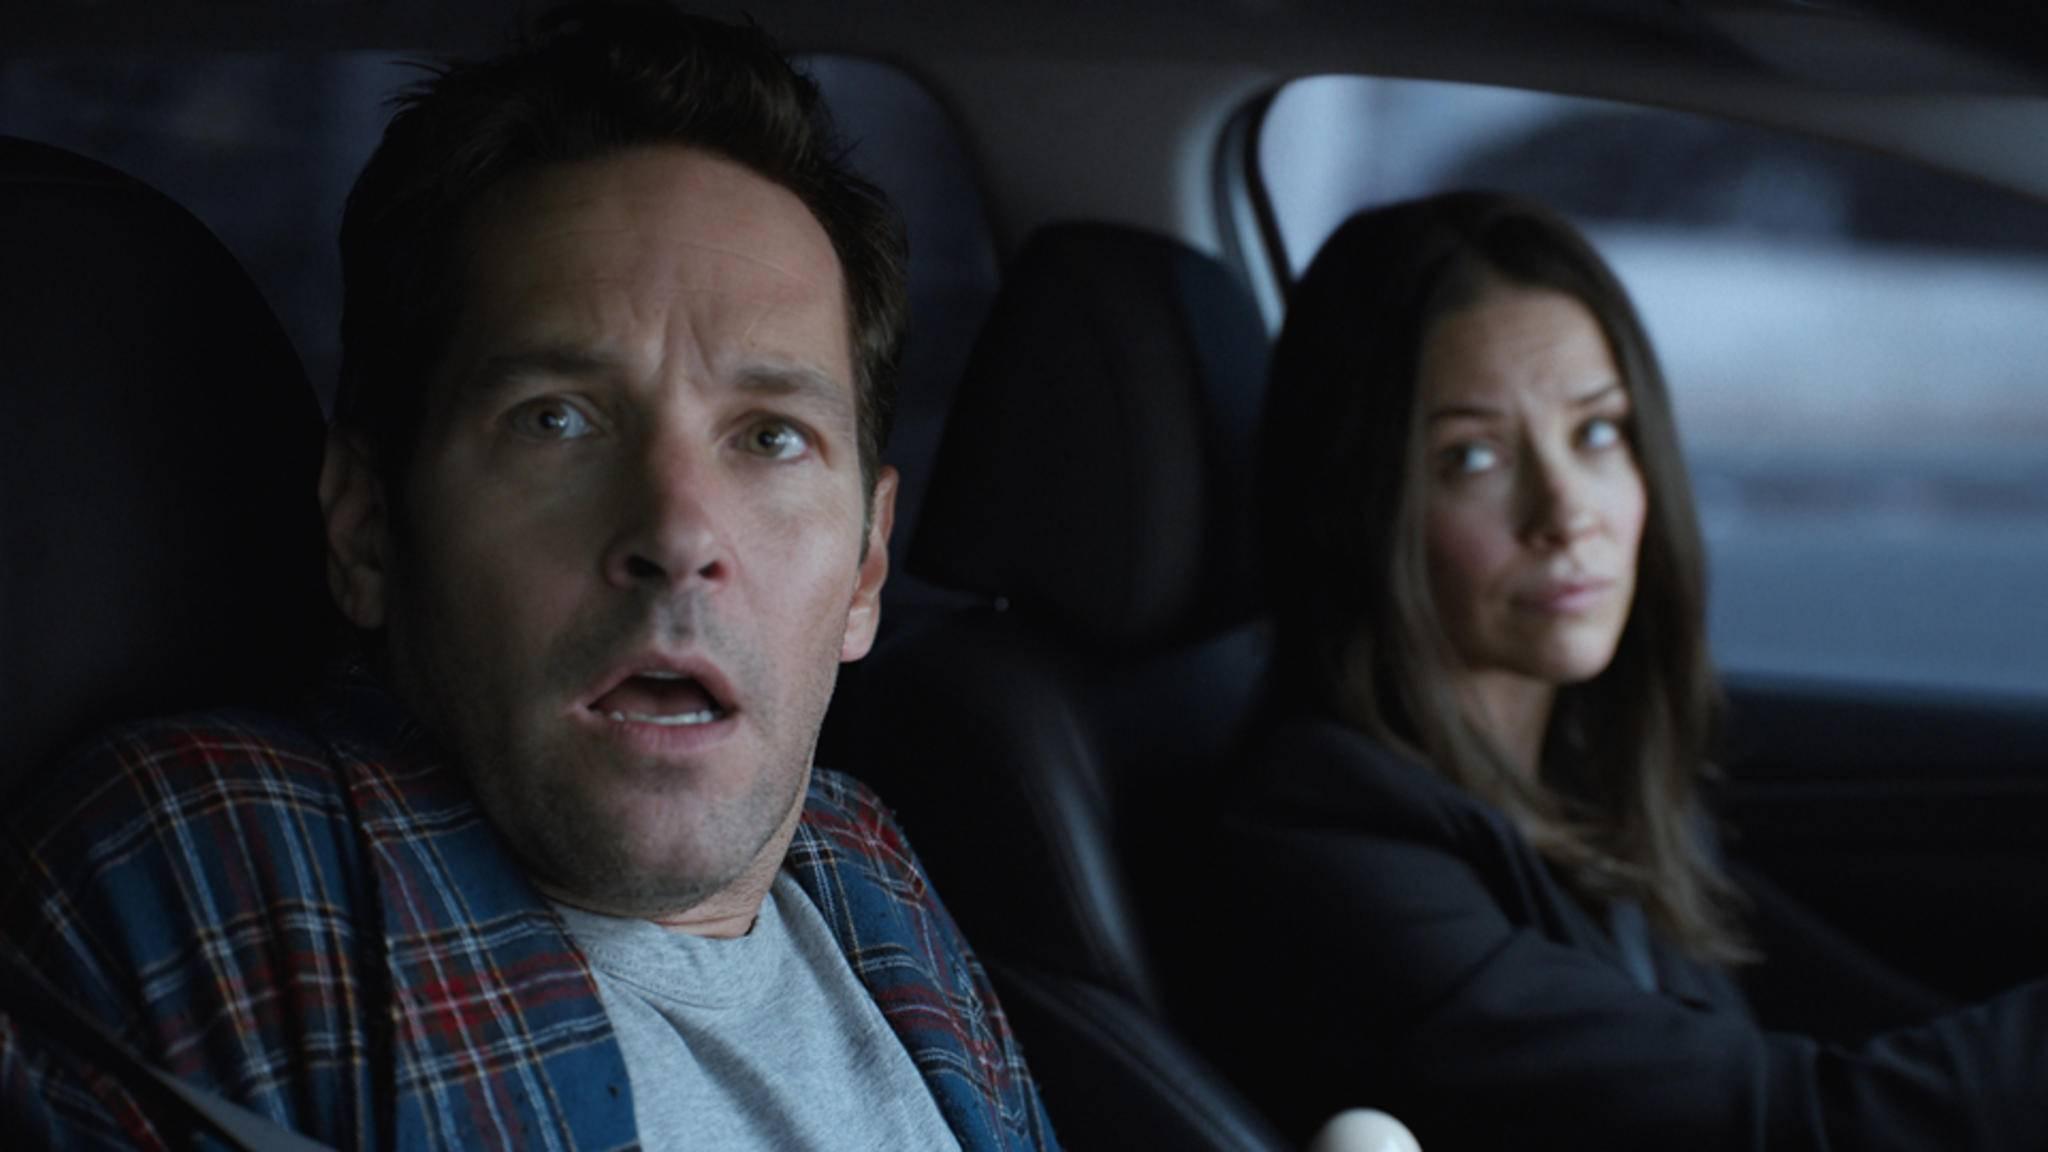 """Warte, was?! Leider kein Scherz: Auf Netflix werden nach """"Ant-Man and the Wasp"""" keine weiteren Marvel-Filme veröffentlicht."""